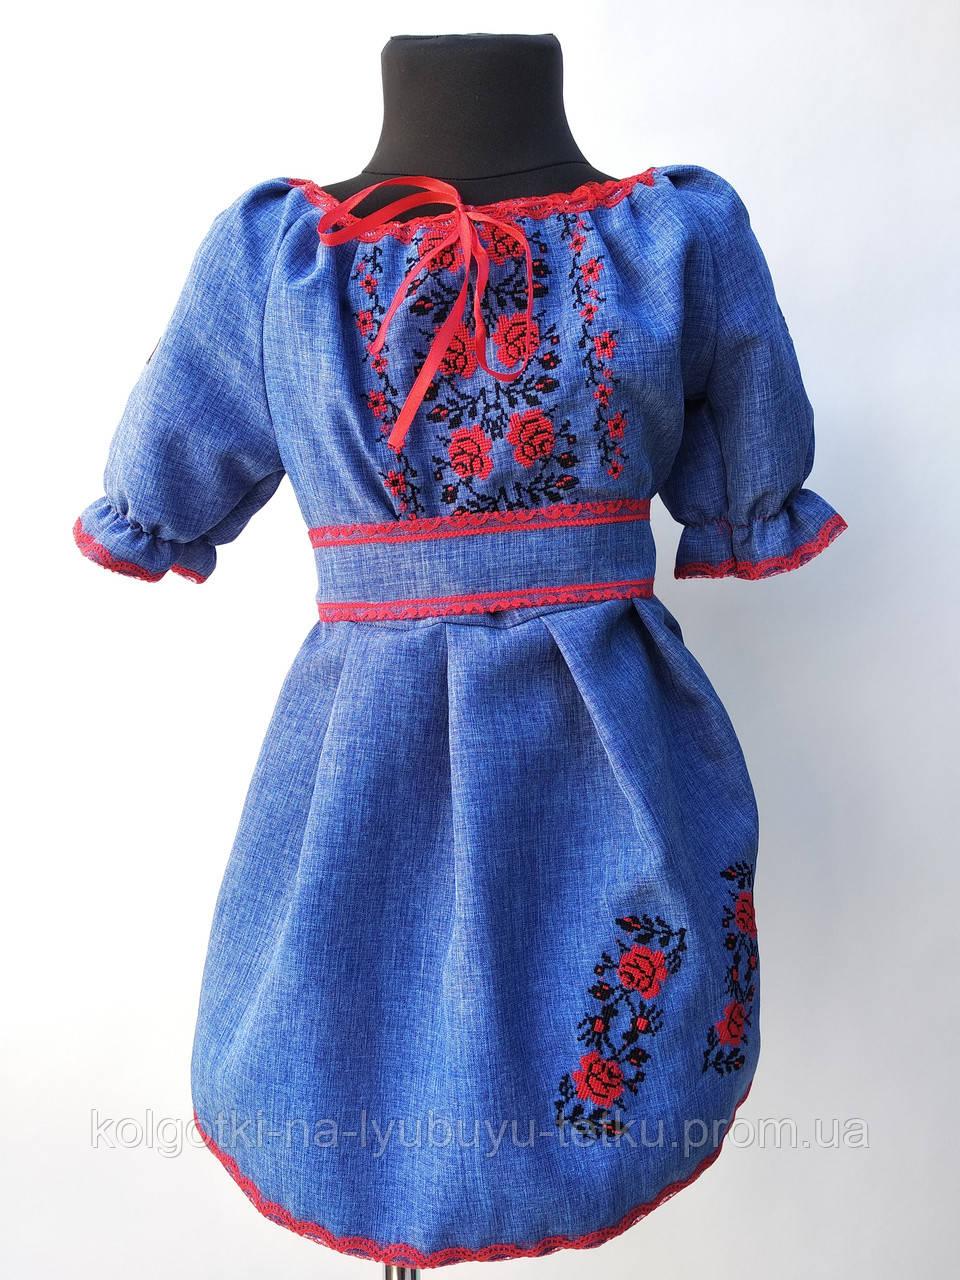 5050c9c2c37db7 Вишиті плаття для дівчаток віком від 2 до 12 років. П02. , цена 300 грн.,  купить в Одессе — Prom.ua (ID#920326805)